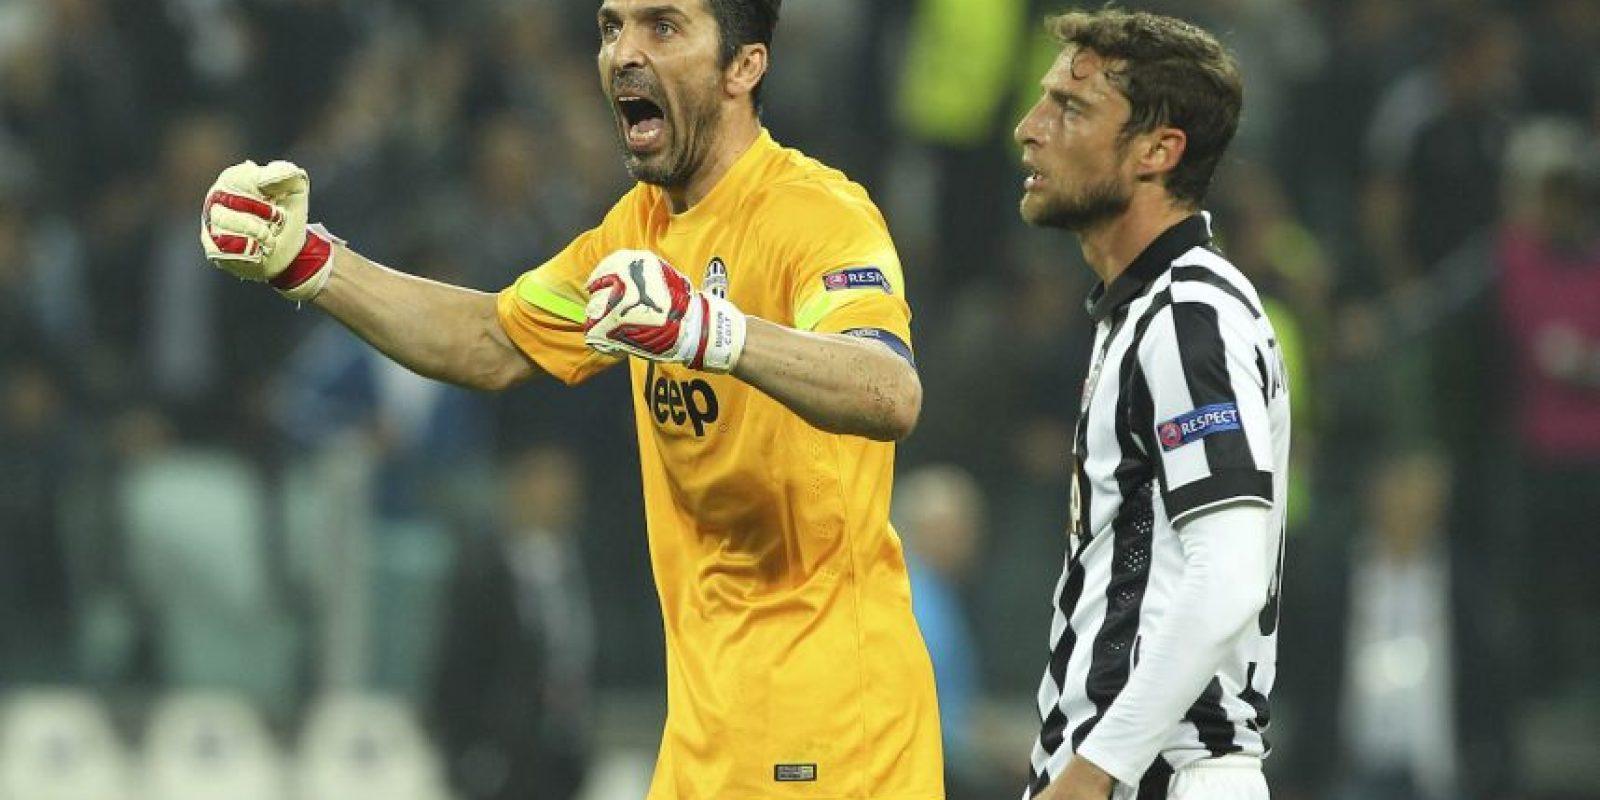 El campeón de Italia avanzaría a la final si gana o empata el partido de vuelta que se jugará en el Santiago Bernabéu Foto:Getty Images